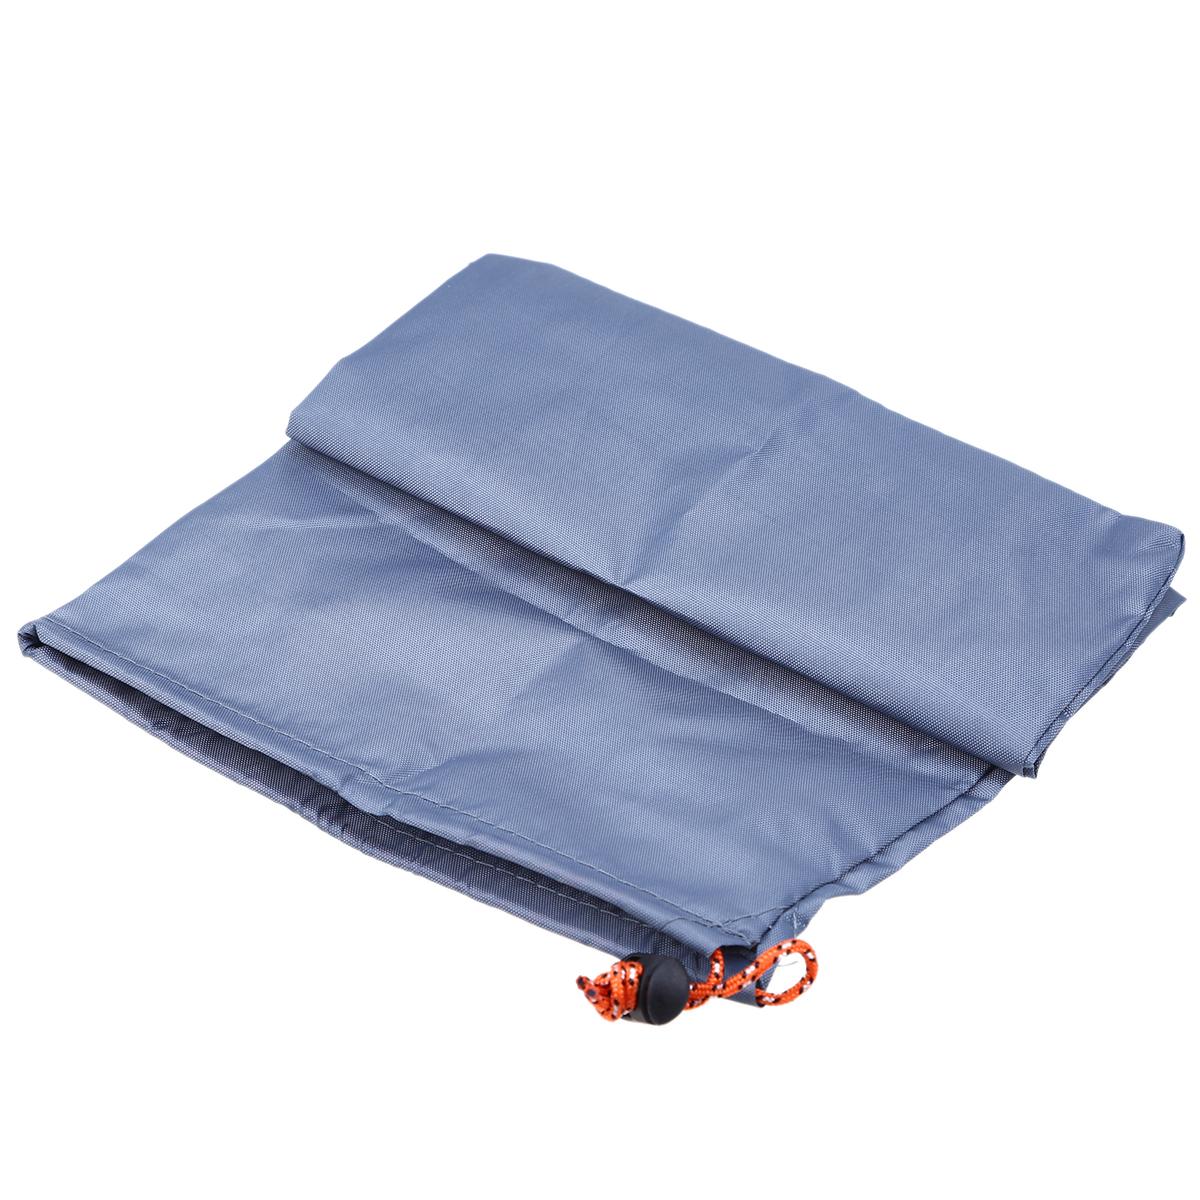 schaumstoff faltbares sitzkissen eva sitzunterlage faltkissen farben camping ebay. Black Bedroom Furniture Sets. Home Design Ideas